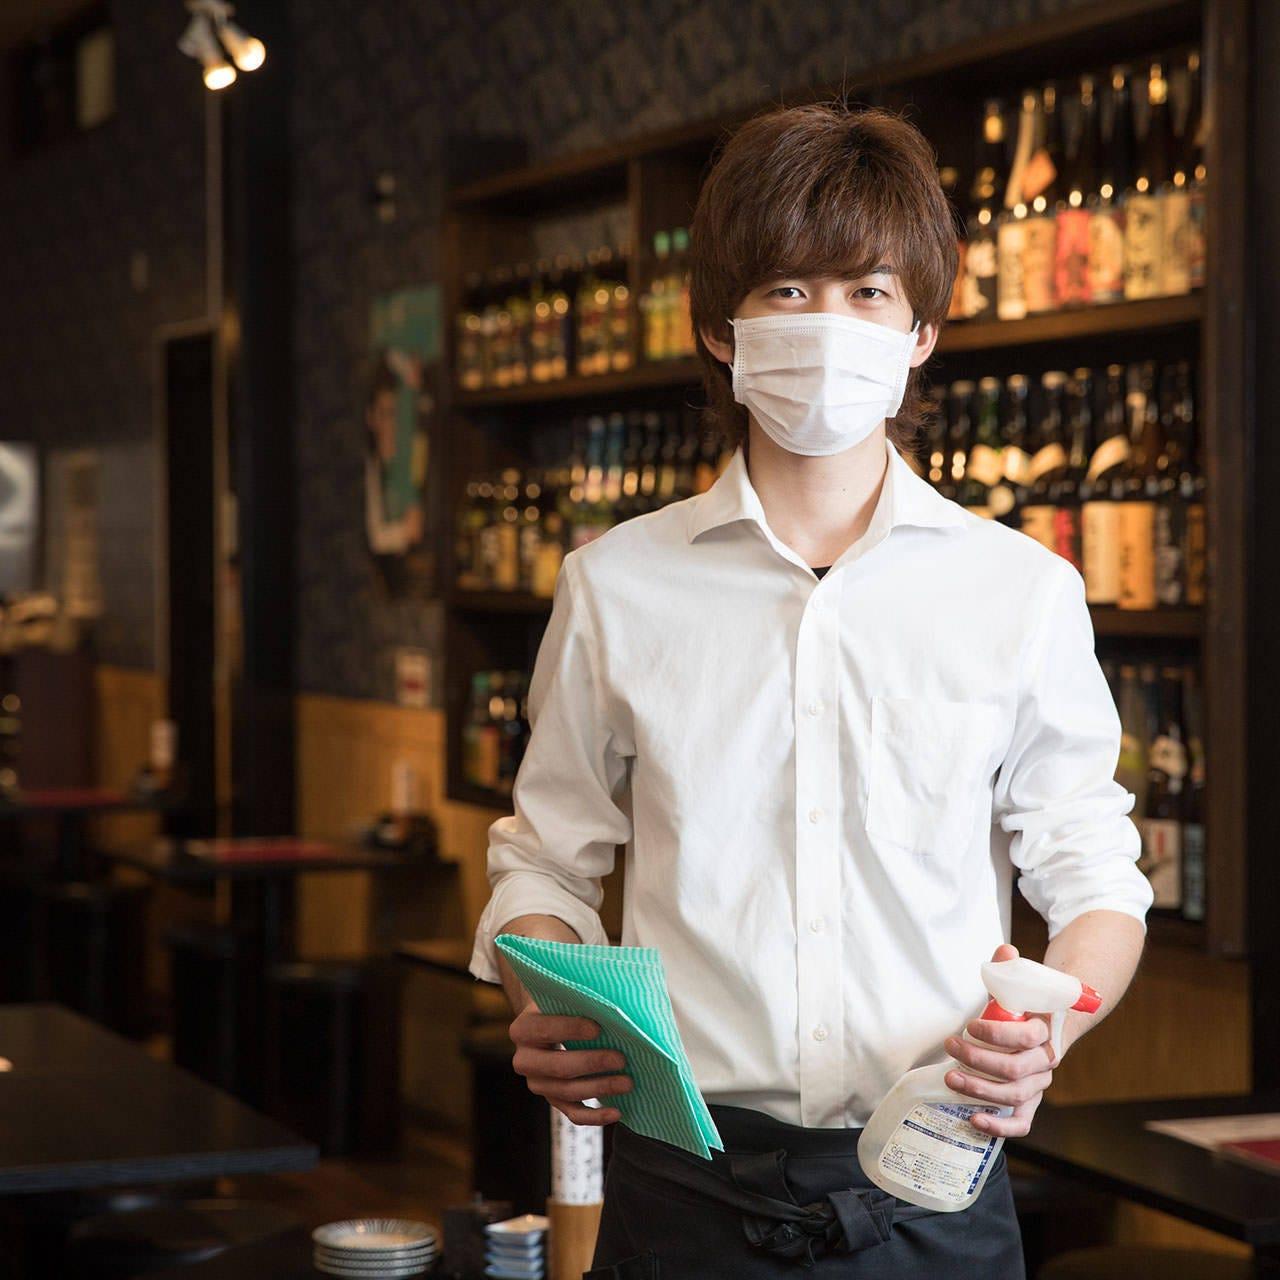 消毒、マスク着用、コース個別盛りなど感染予防対策を実施中◎